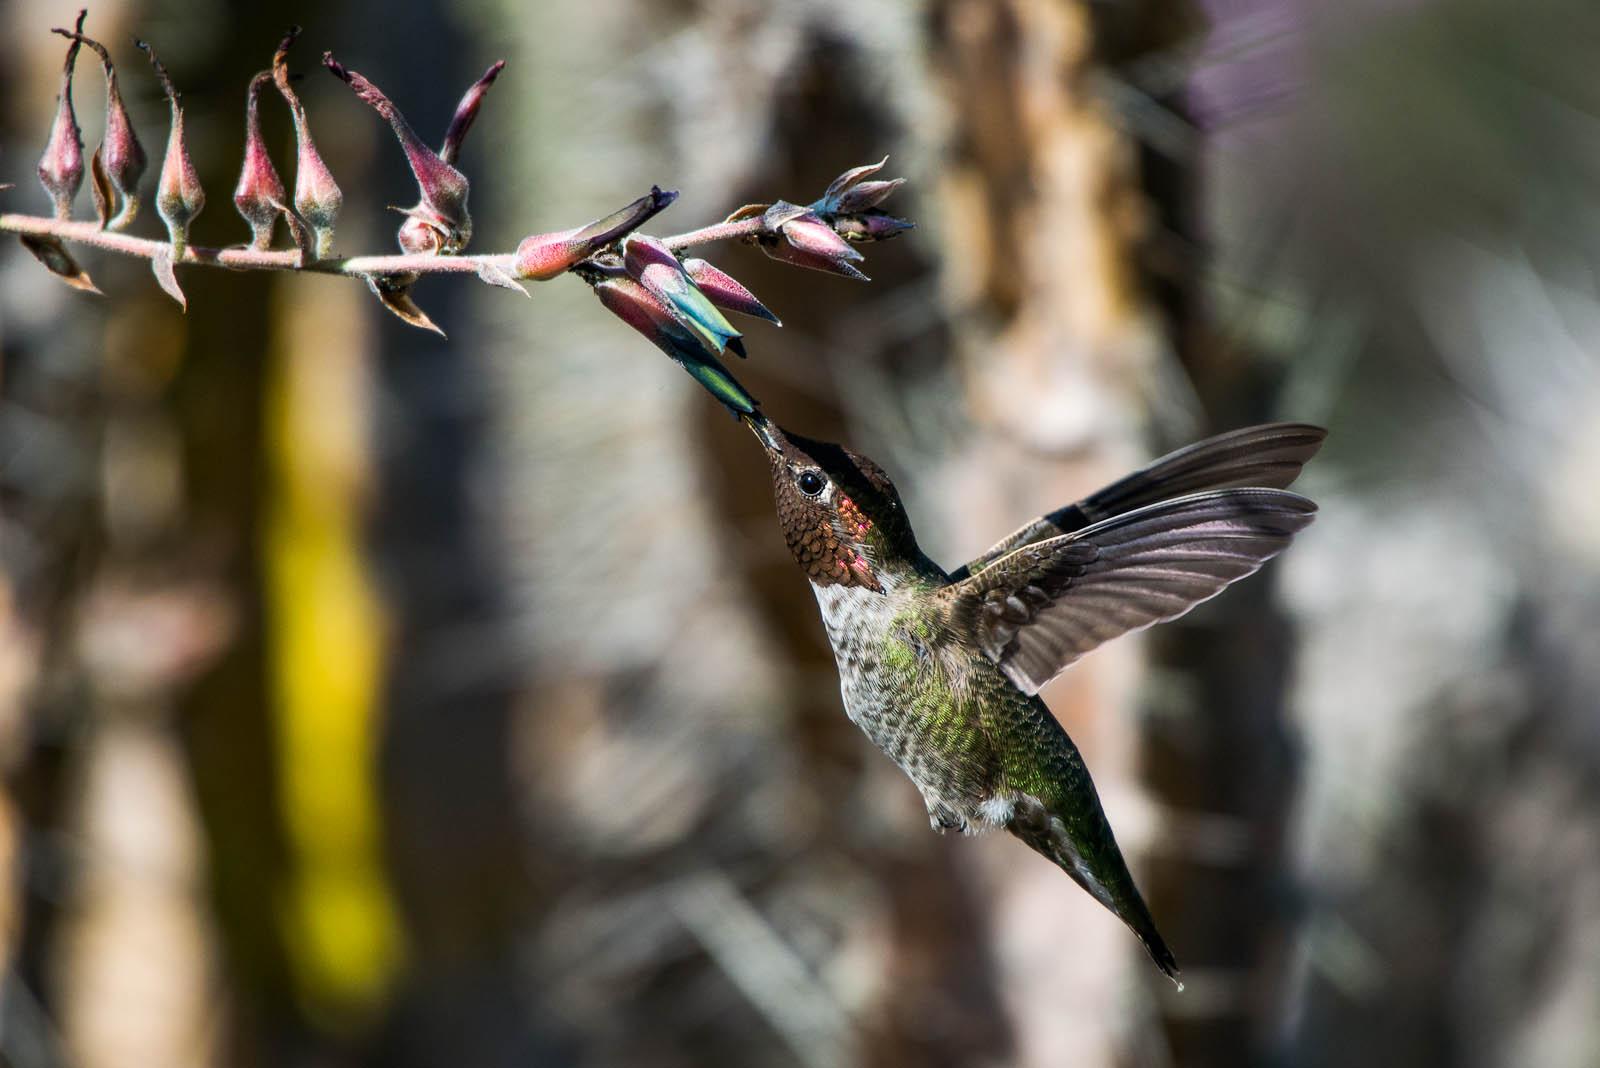 Un colibrí libando una flor